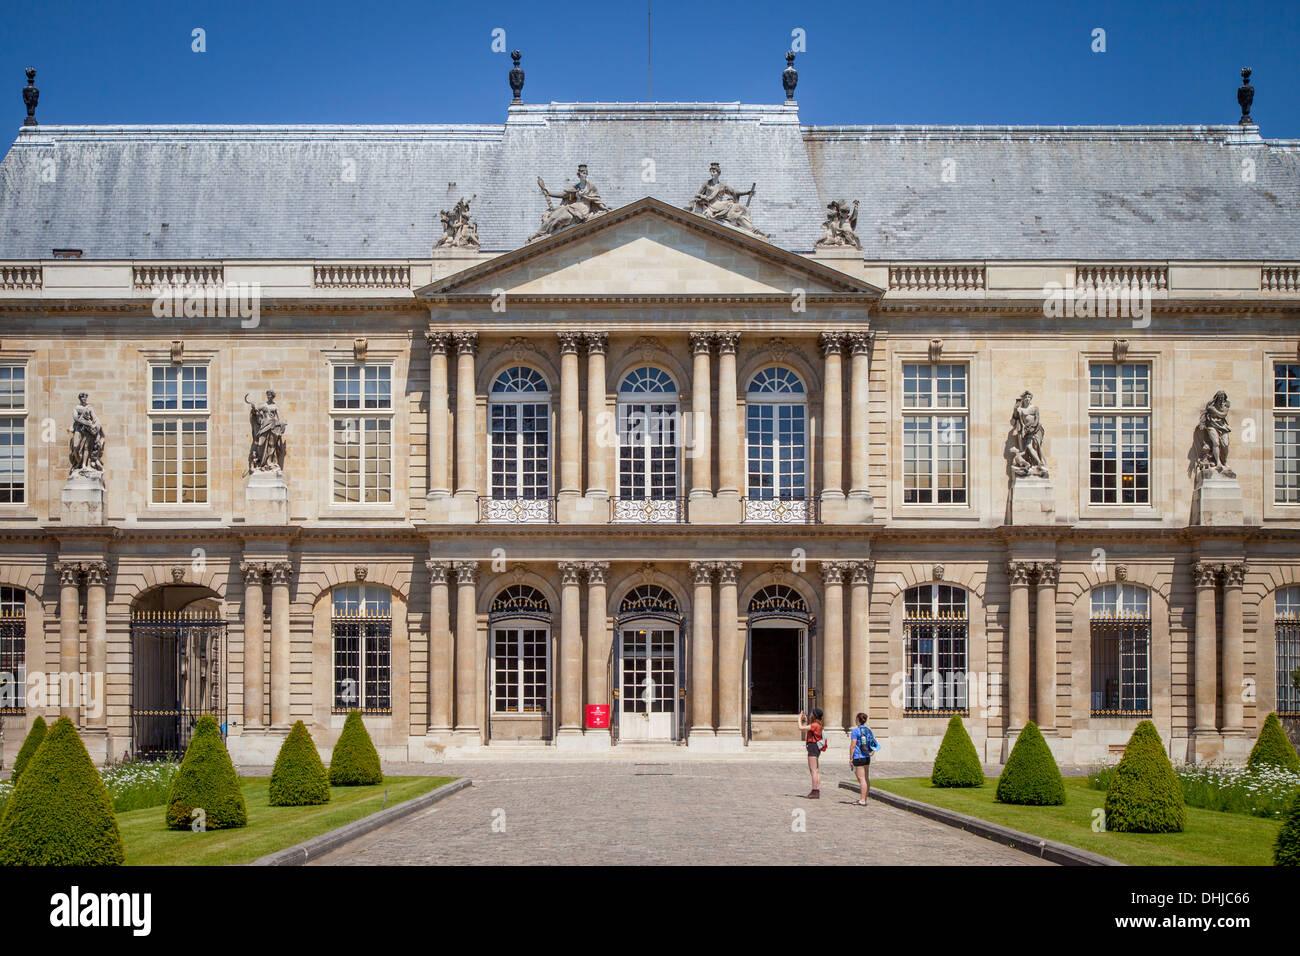 Tourists outside the National Archives Museum - originally Hôtel de Soubise, Marais, Paris France - Stock Image